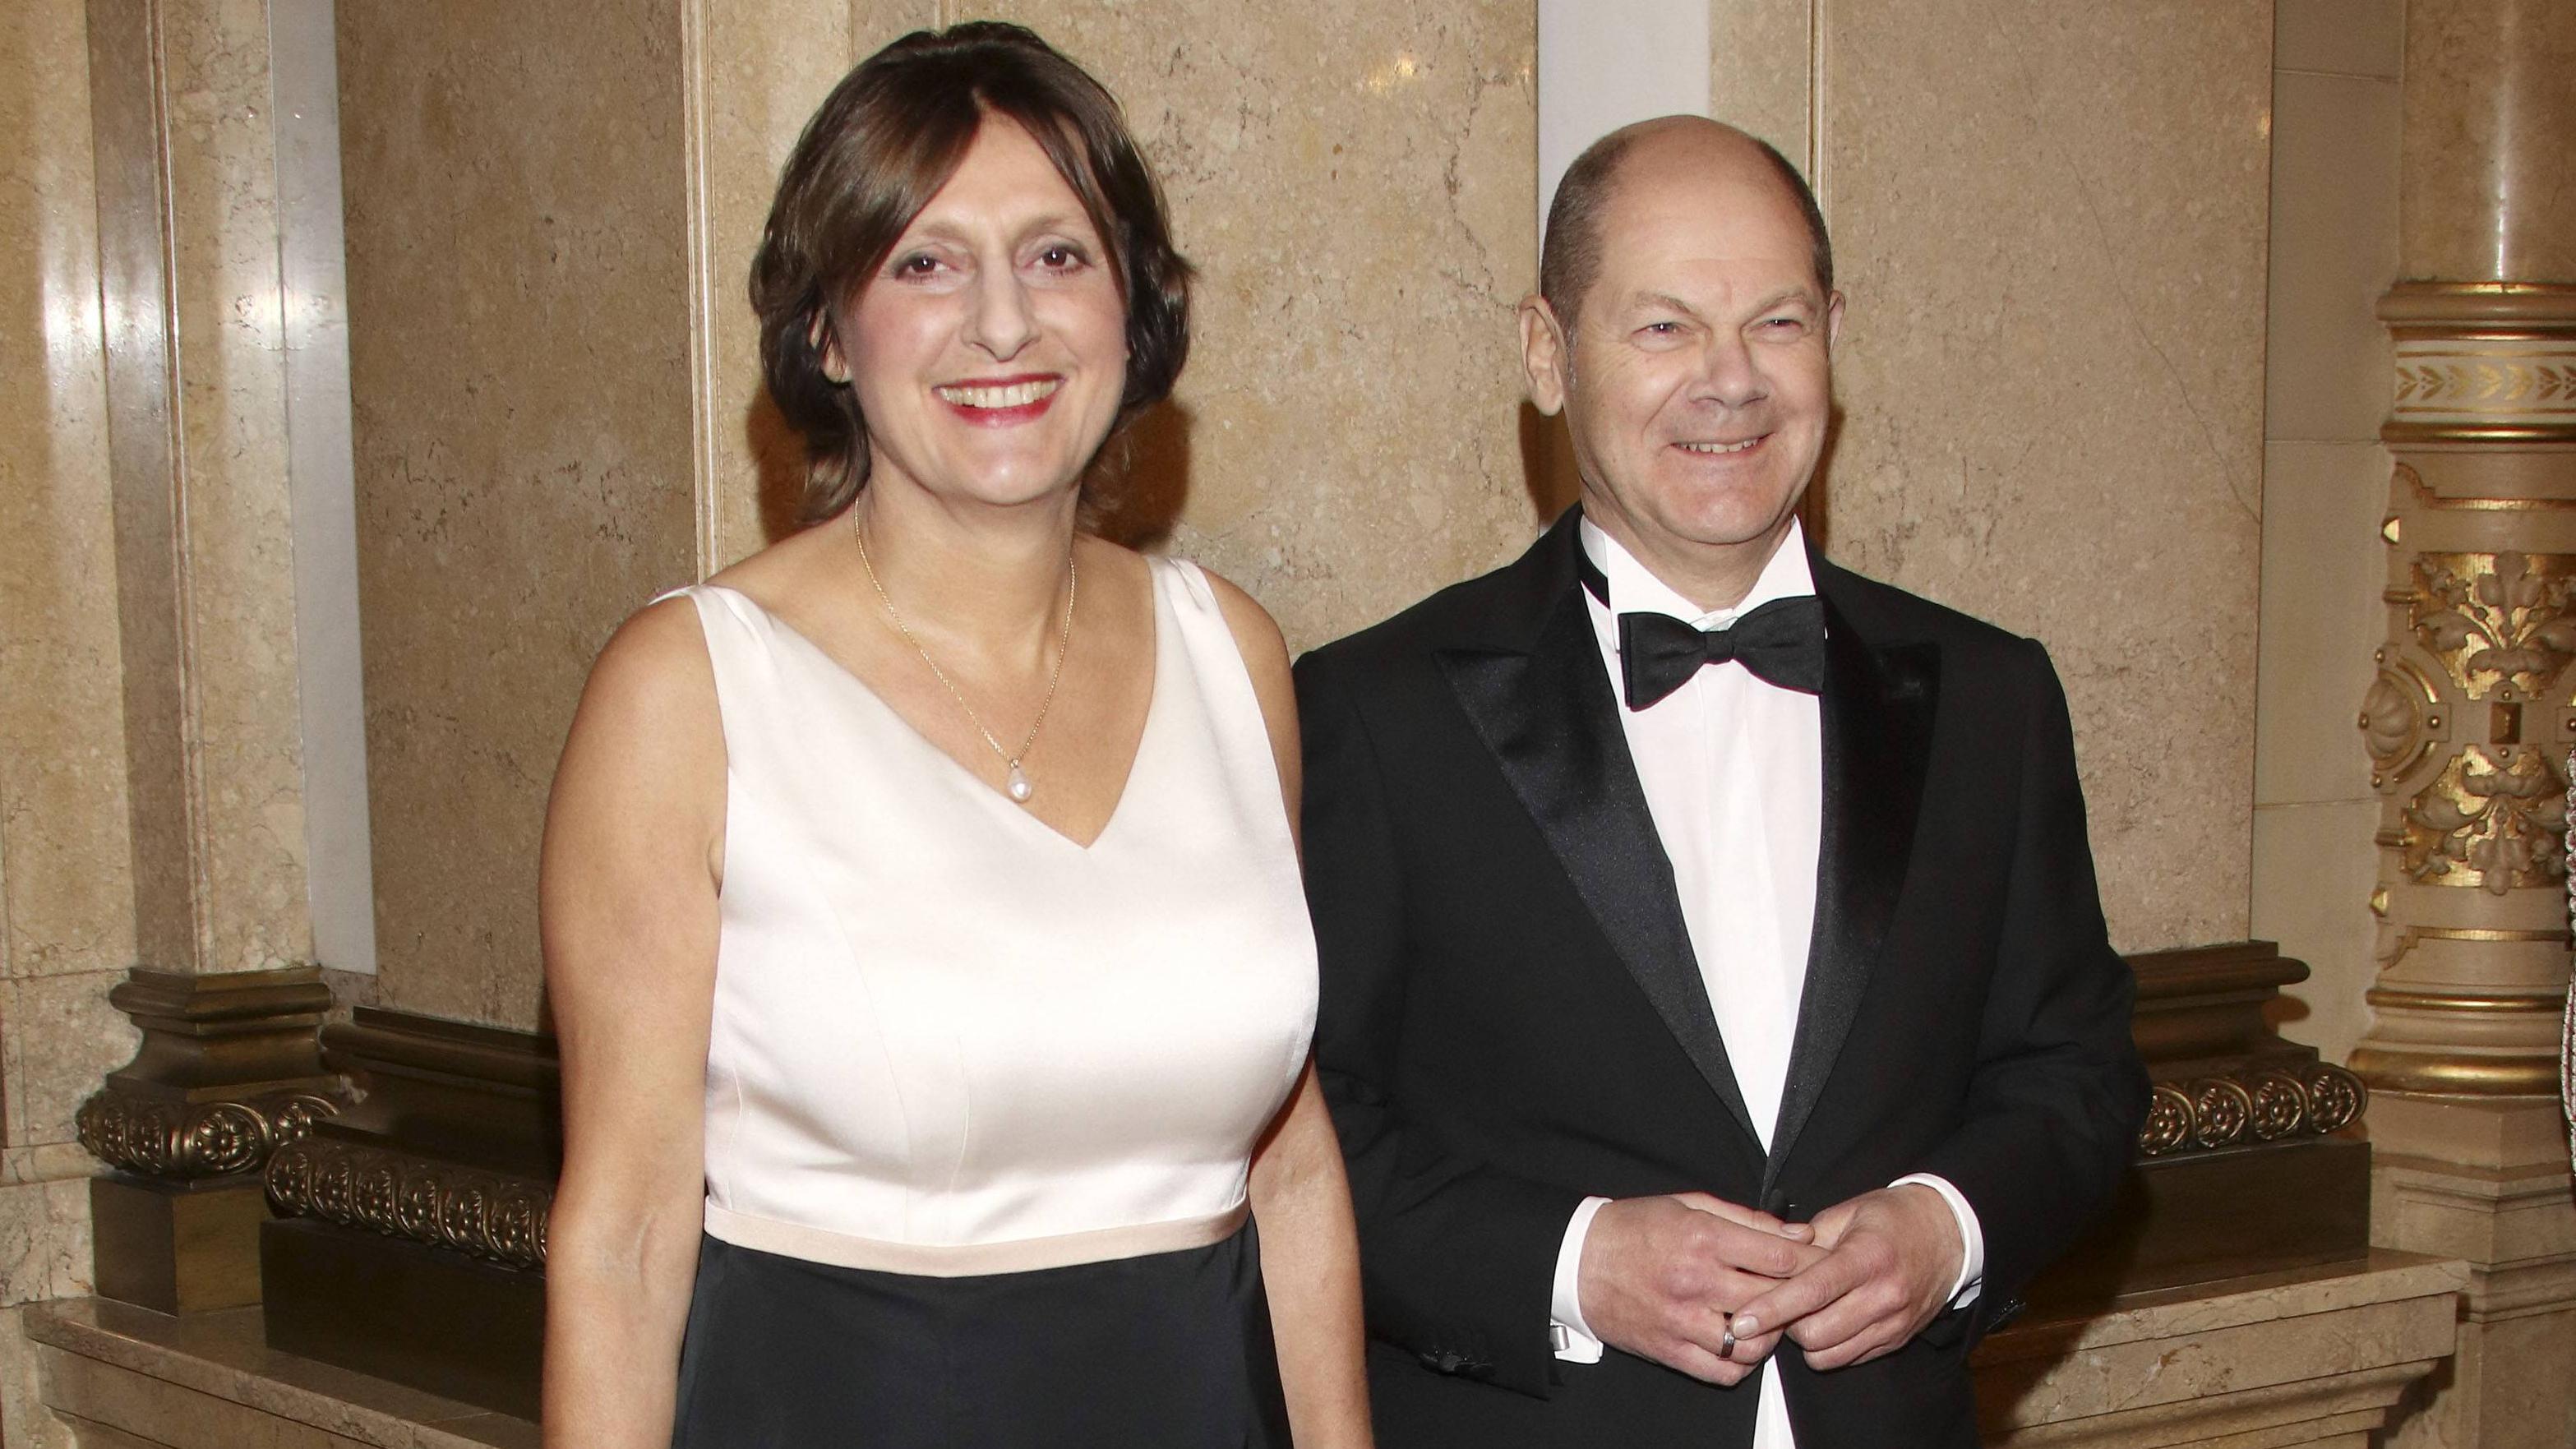 So reich ist Olaf Scholz von der SPD: Einkommen, Frau und Finanz-Skandale